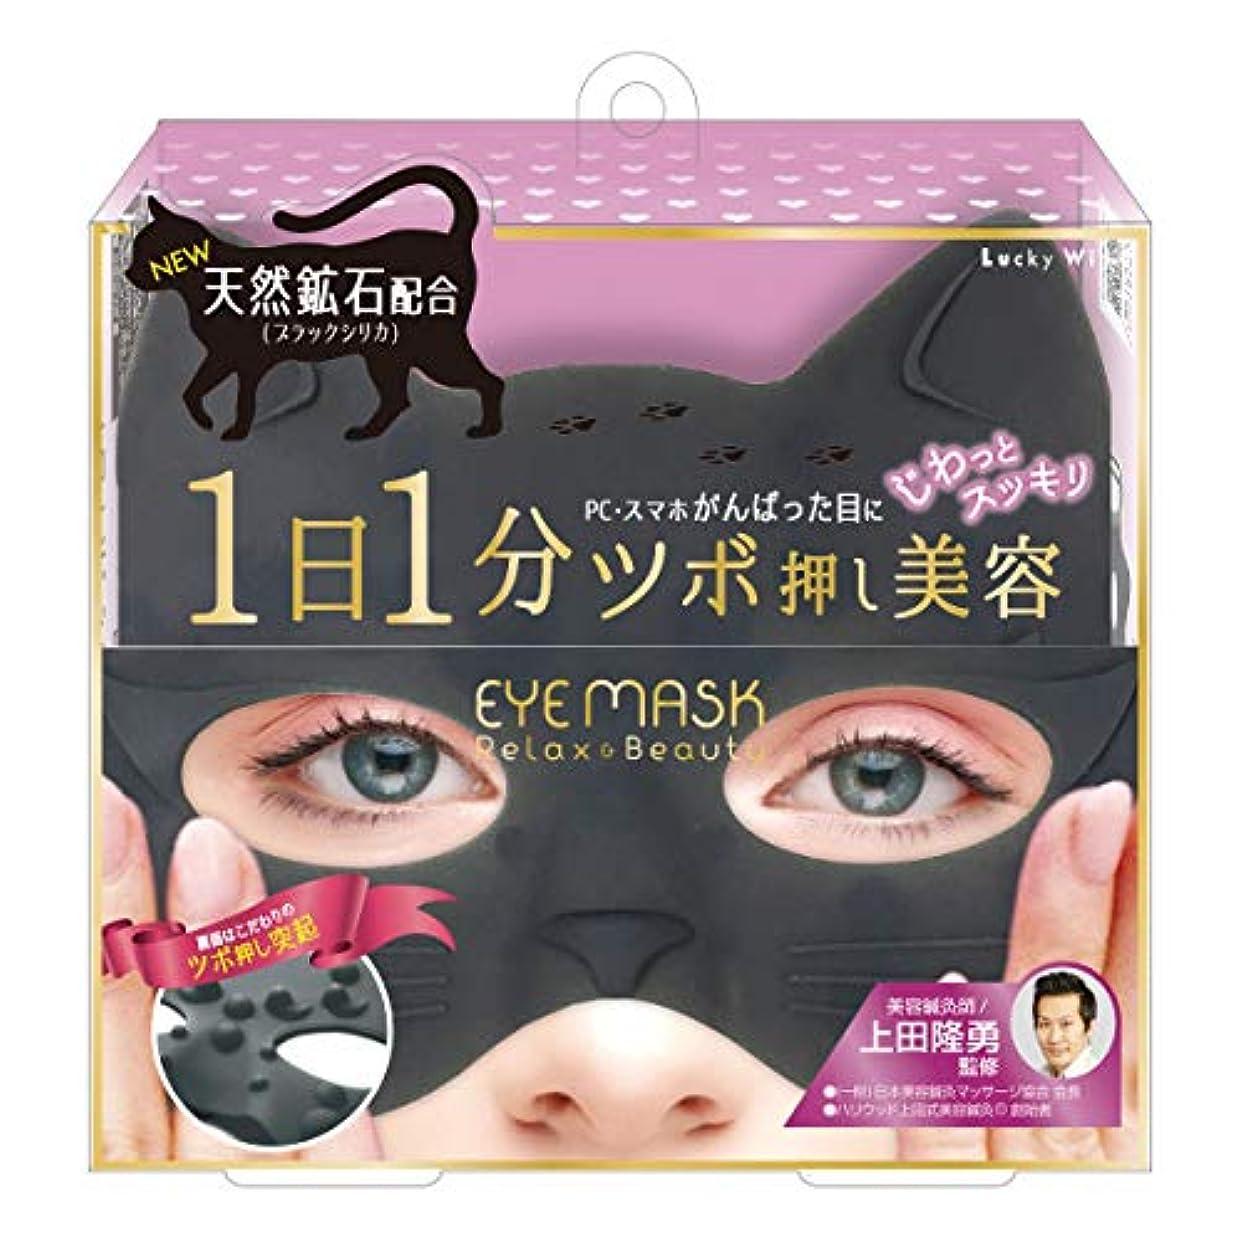 収束リーフレット結果ツボ押し美容 目まわりすっきりアイマスク(ブラックシリカ) SMK1000